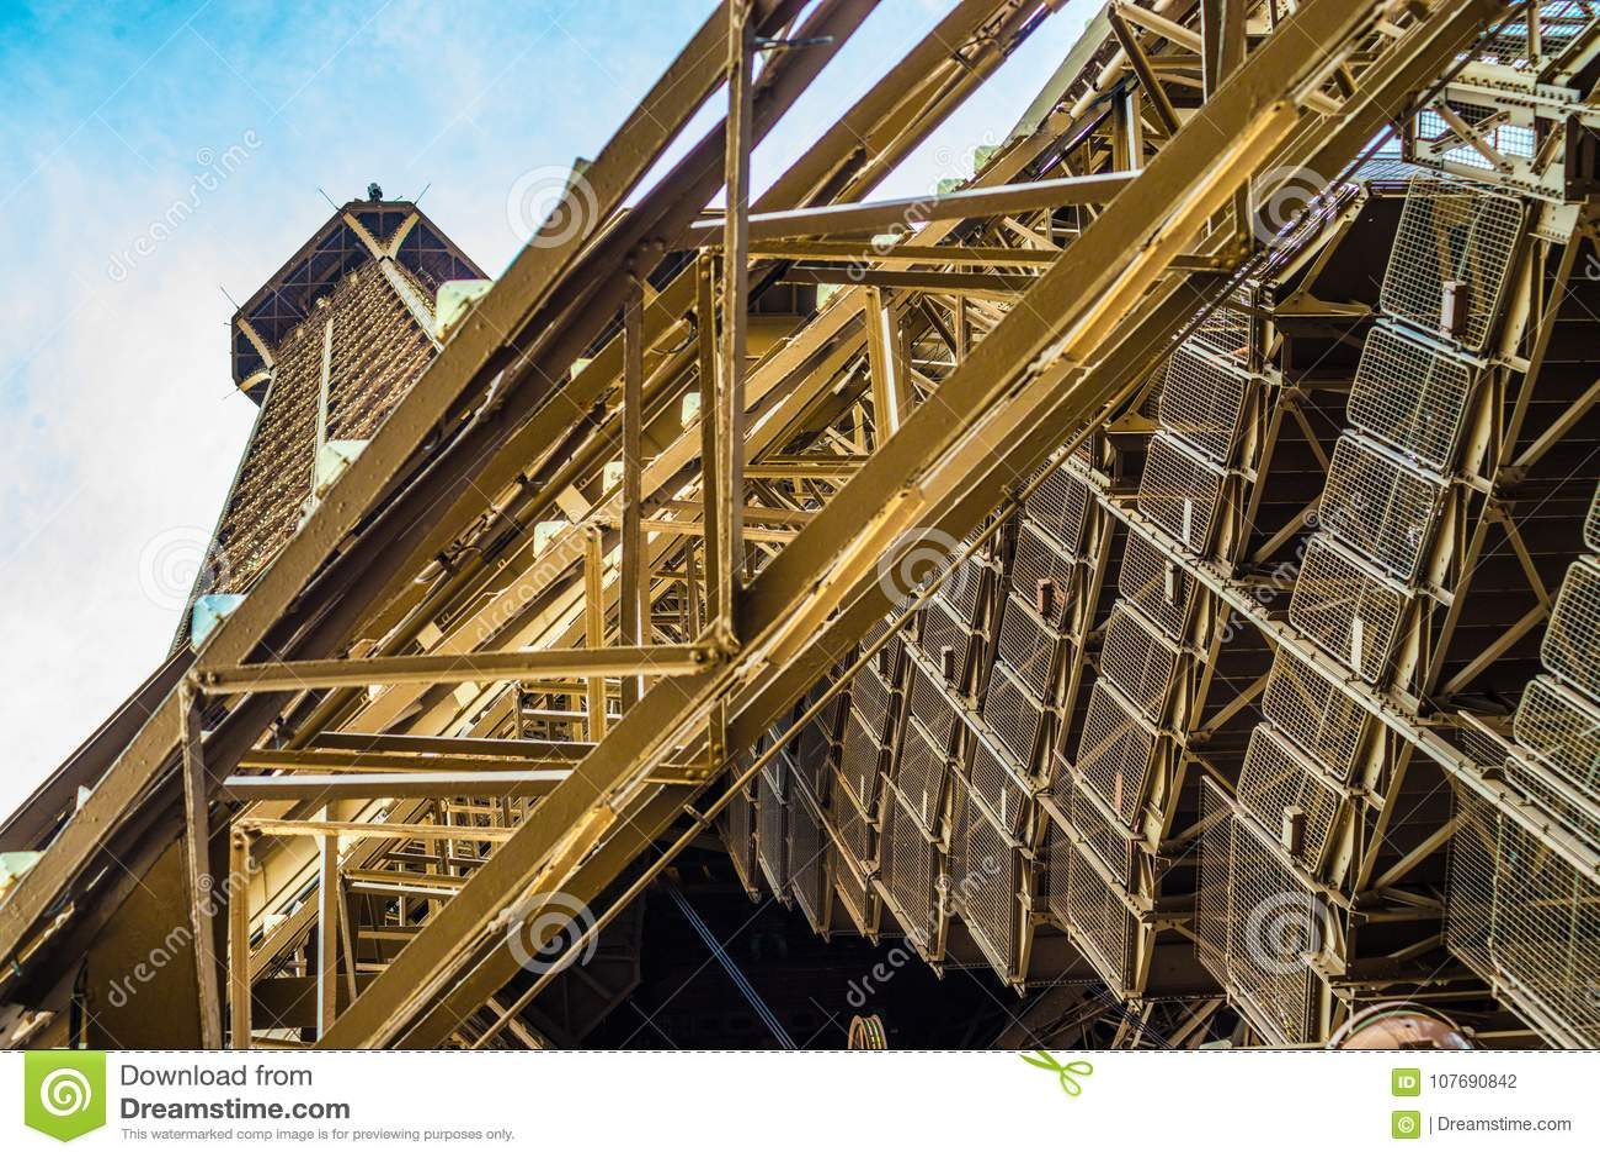 Escaleras numerosas que traen a turistas deportivos arriba y abajo de la torre Eiffel en París